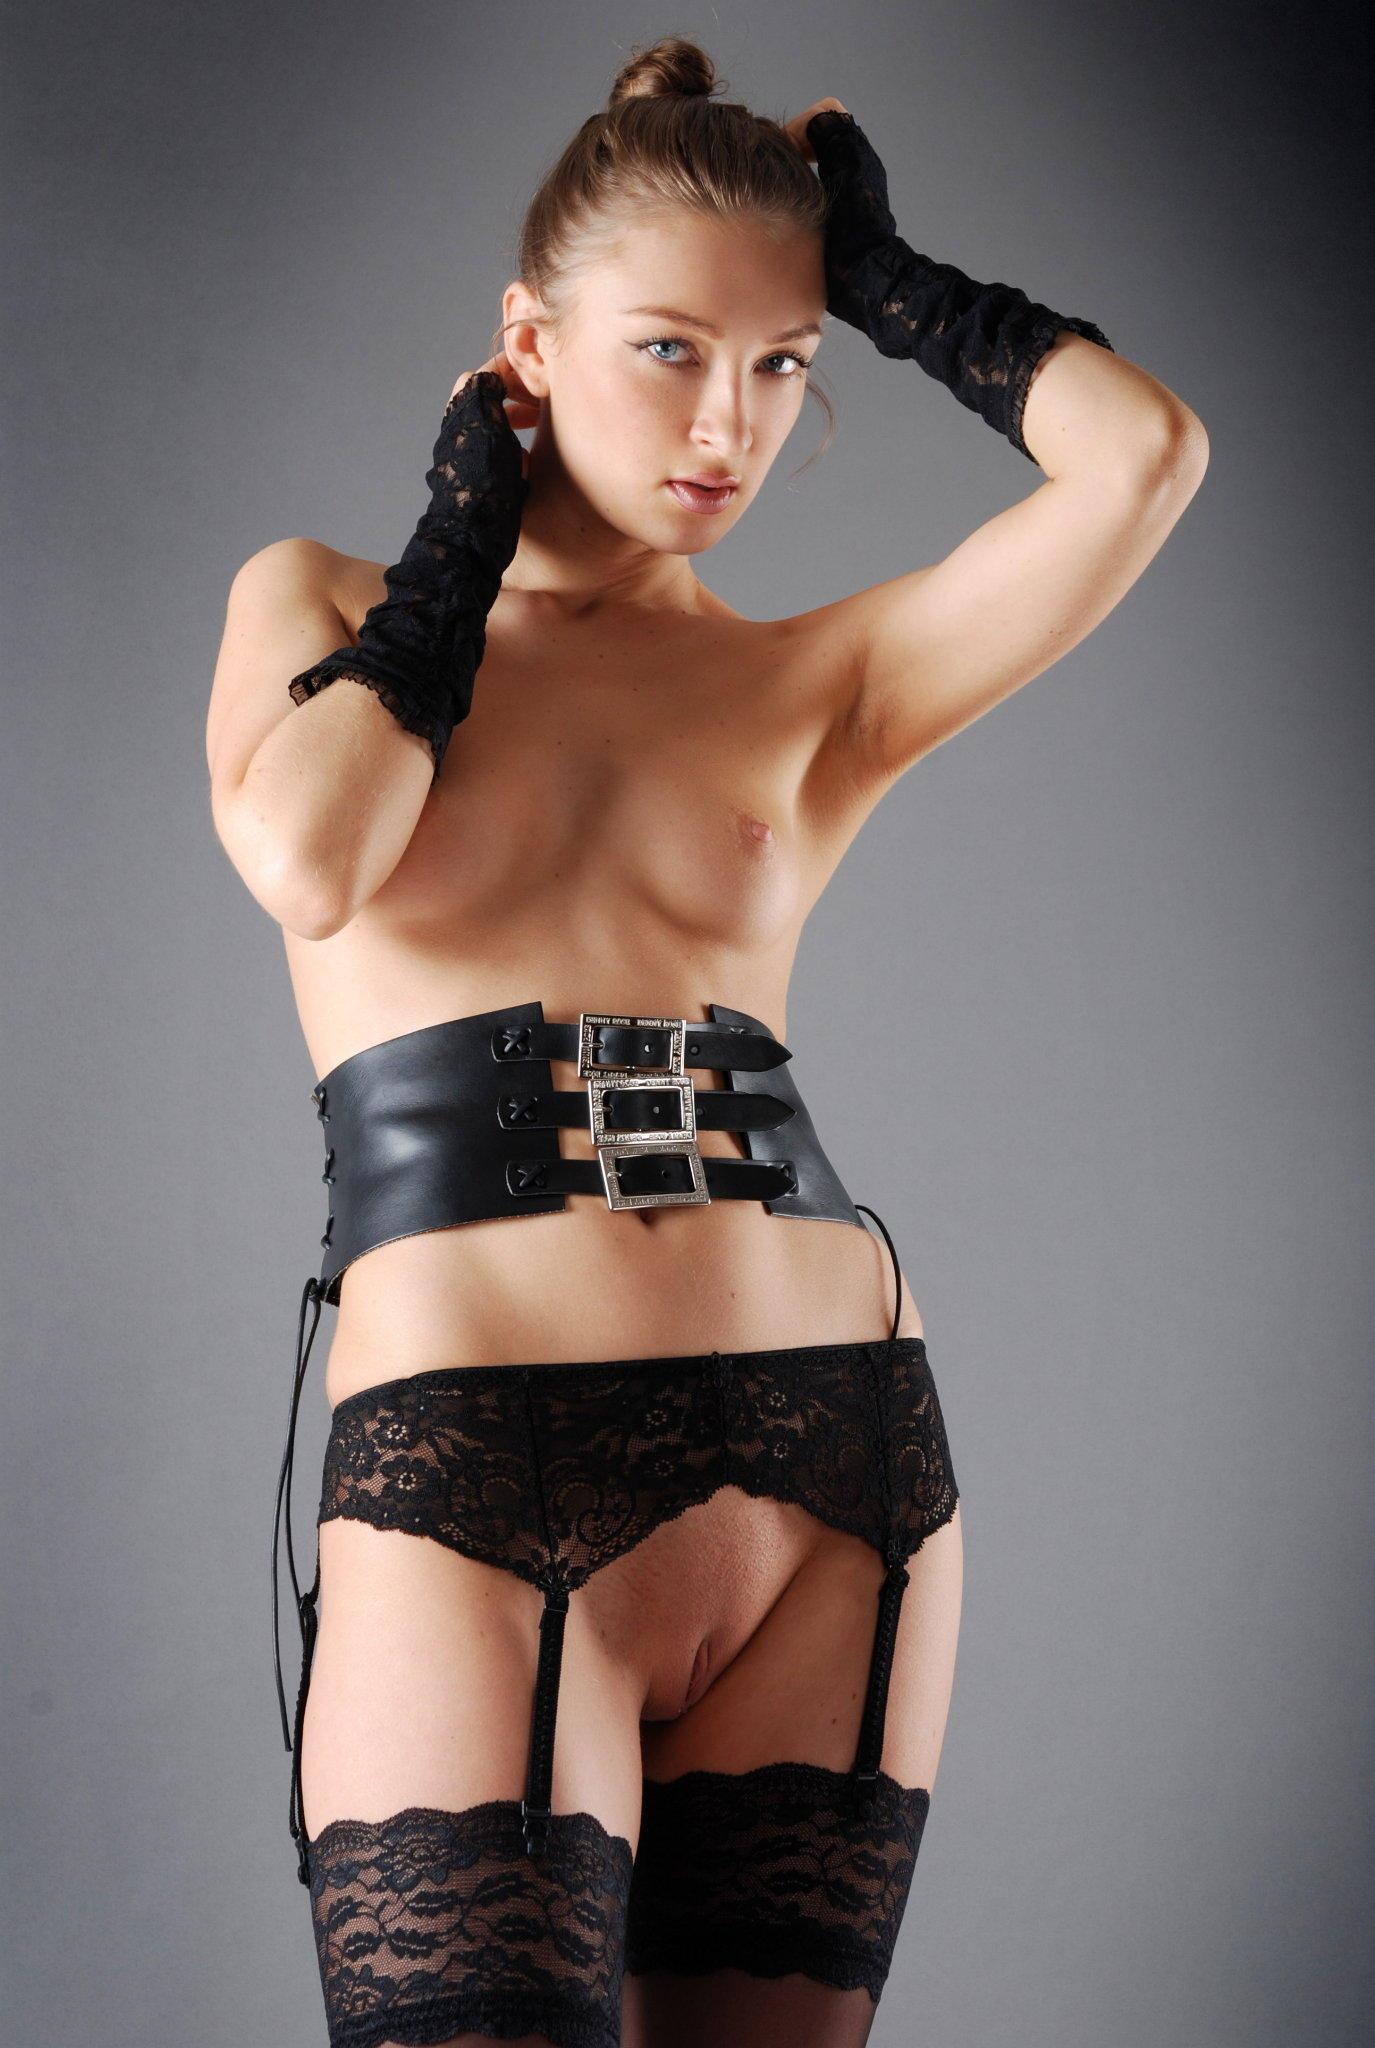 Чулки женские с поясом фото эротика 23 фотография